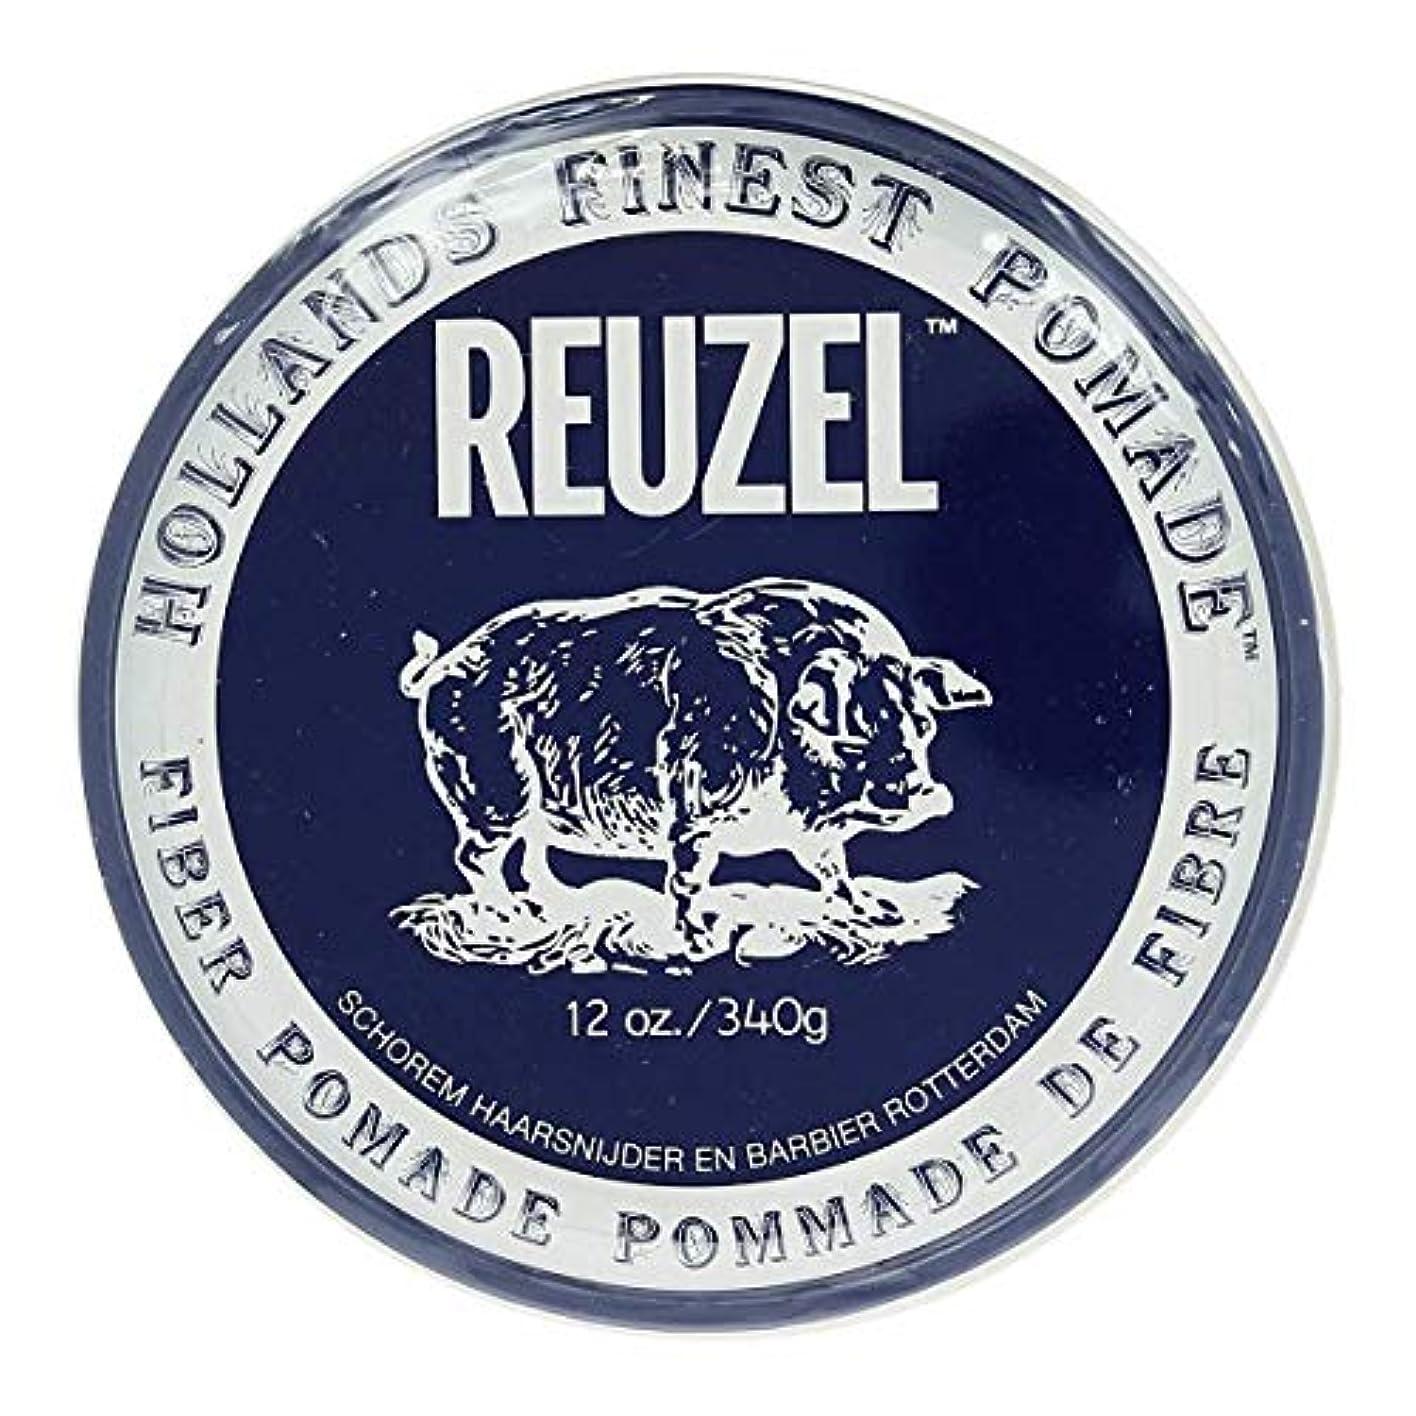 そのような傑作圧縮されたREUZEL ルーゾー ファイバーポマード 340g[海外直送品] [並行輸入品]